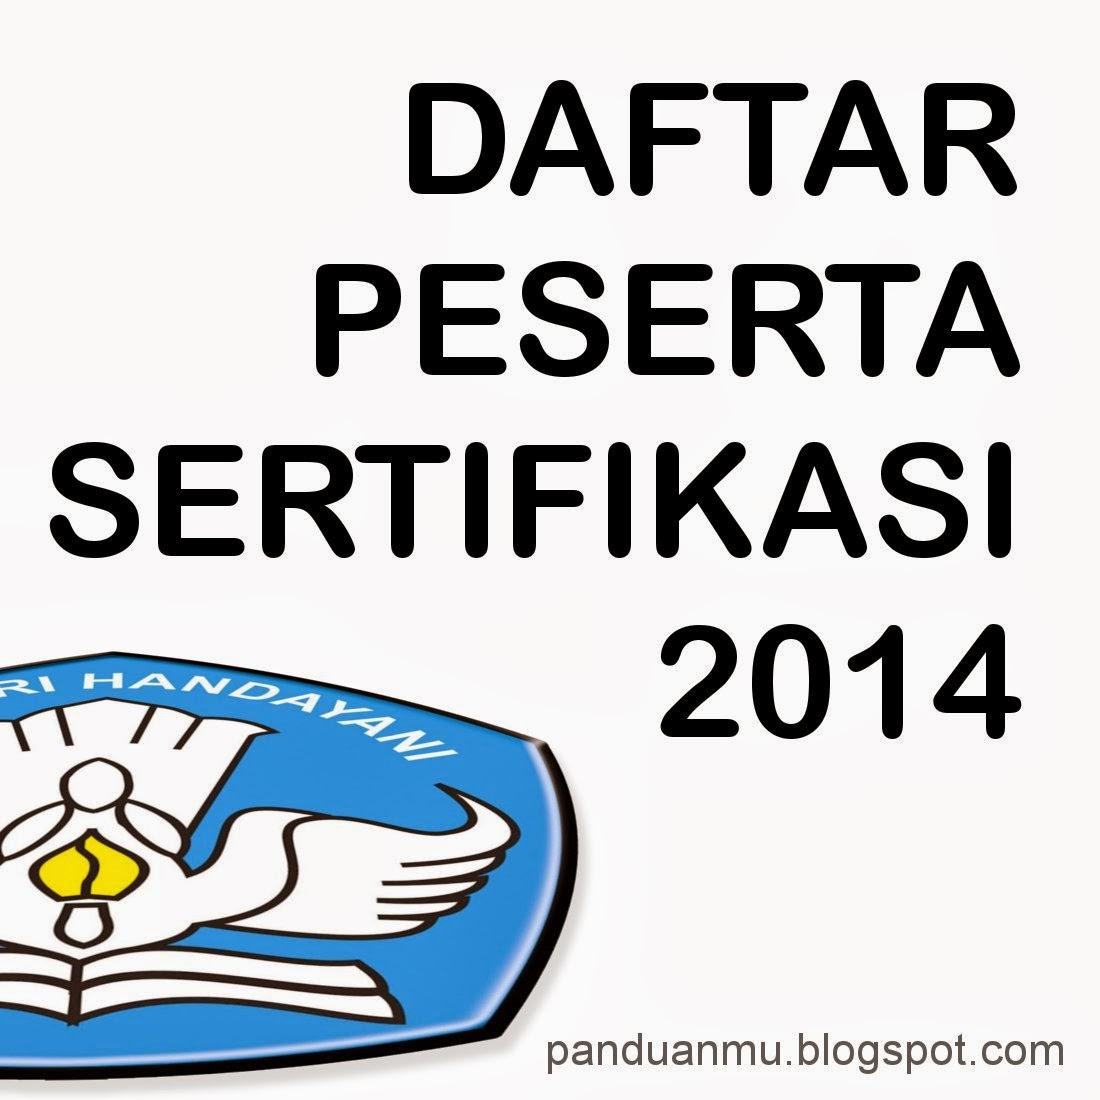 sertifikasi guru 2014